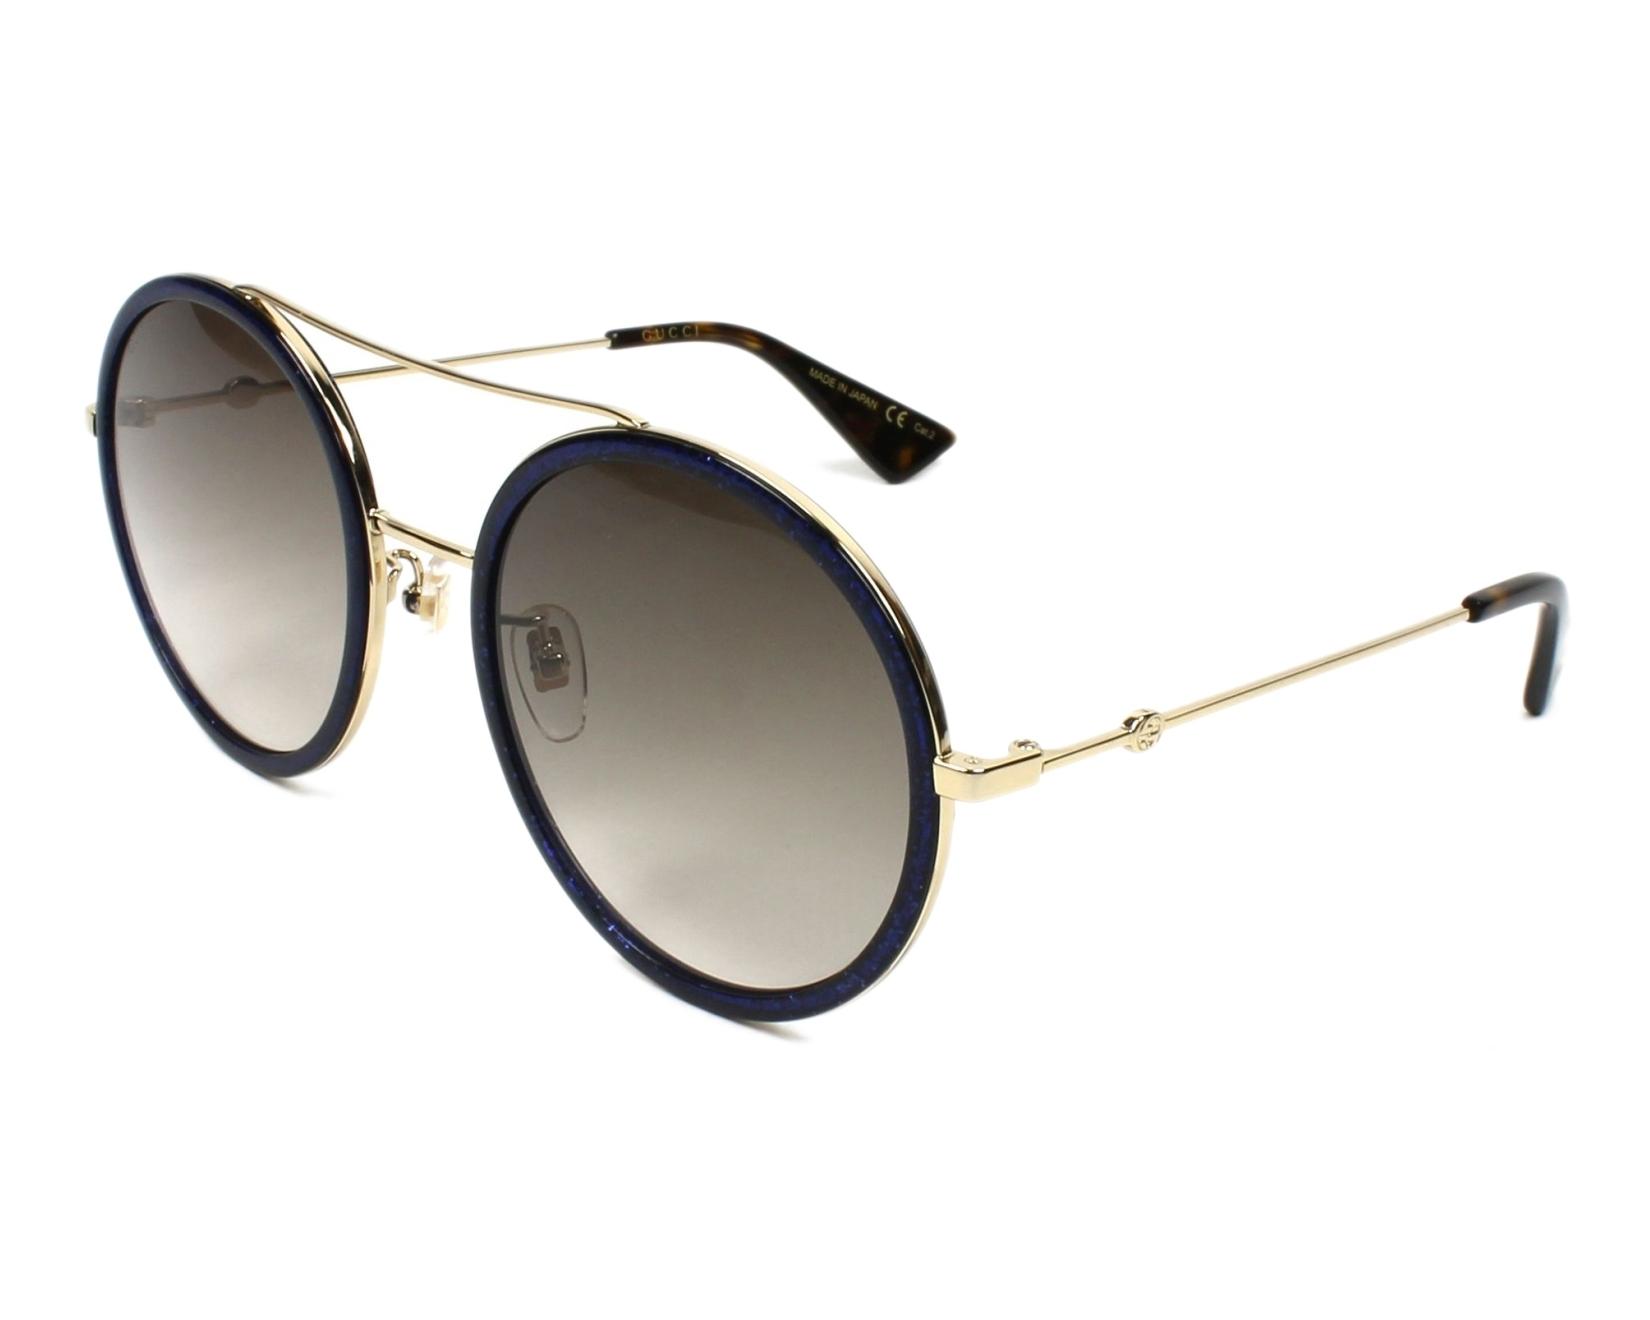 b4f83d6480a Sunglasses Gucci GG-0061-S 005 - Blue Gold profile view